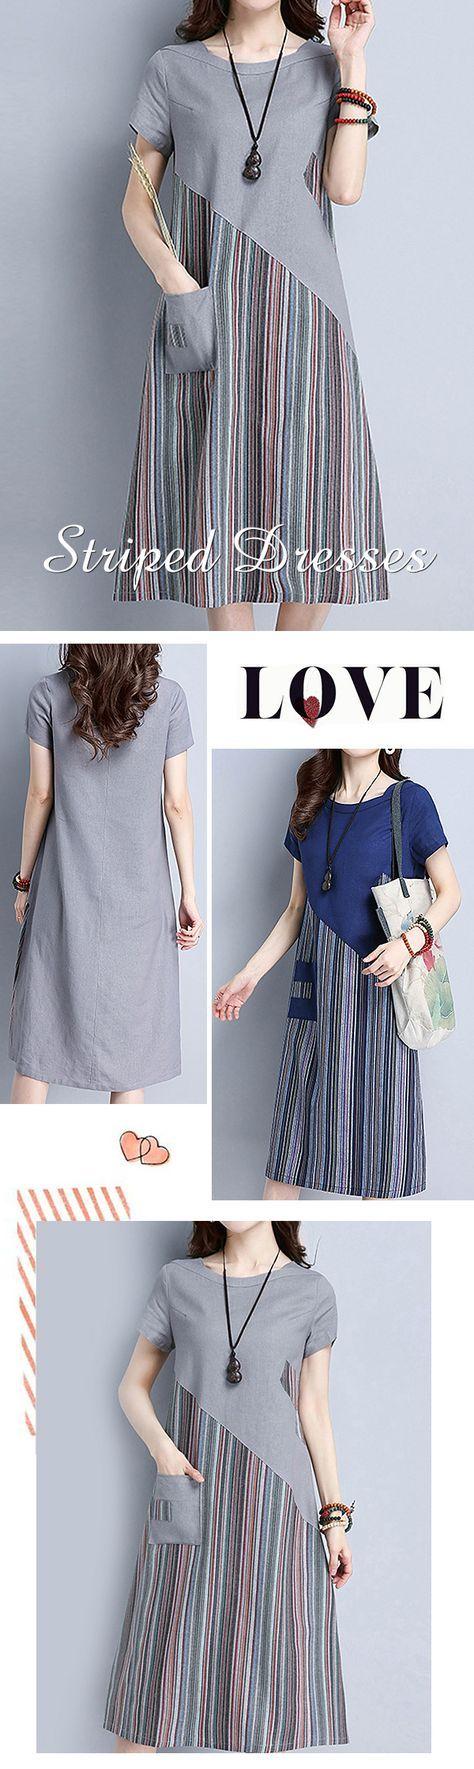 US$ 25.51 Striped Patchwork O Neck Short Sleeve Pocket Women Dresses